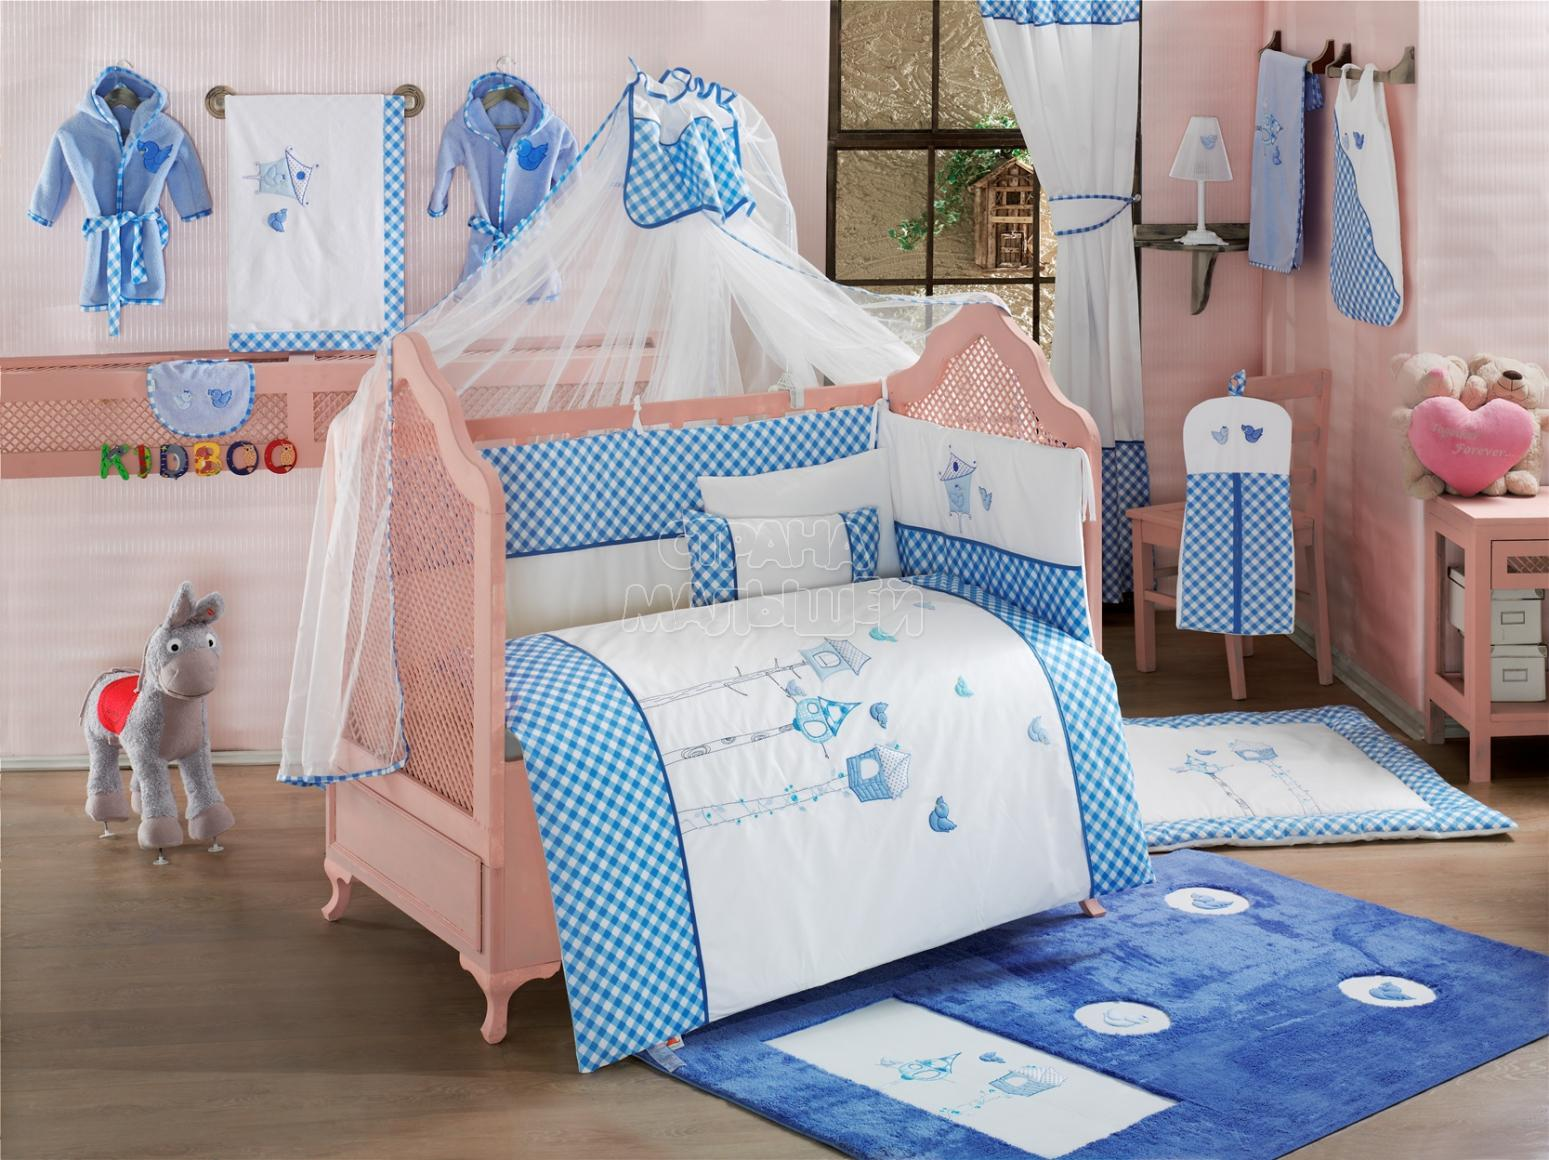 Идеи для детской своими руками - Дизайн детской комнаты 63